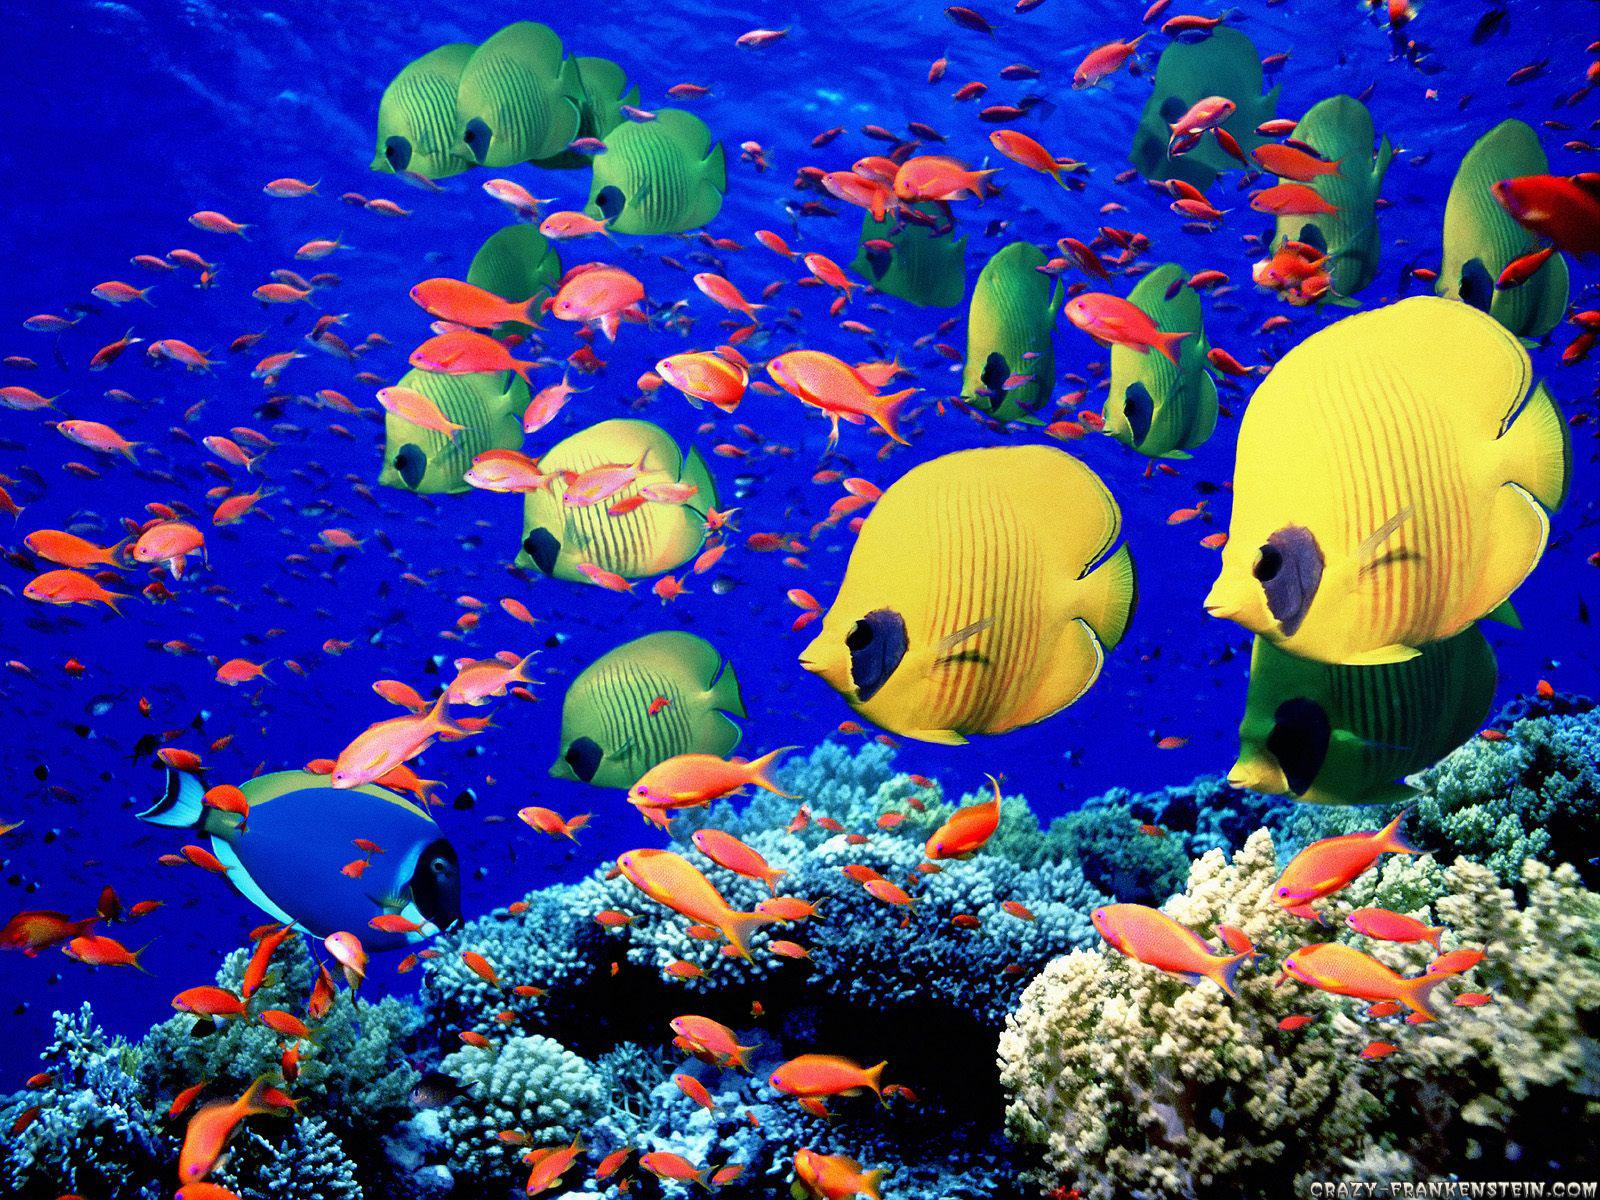 Sea Life Marine Life